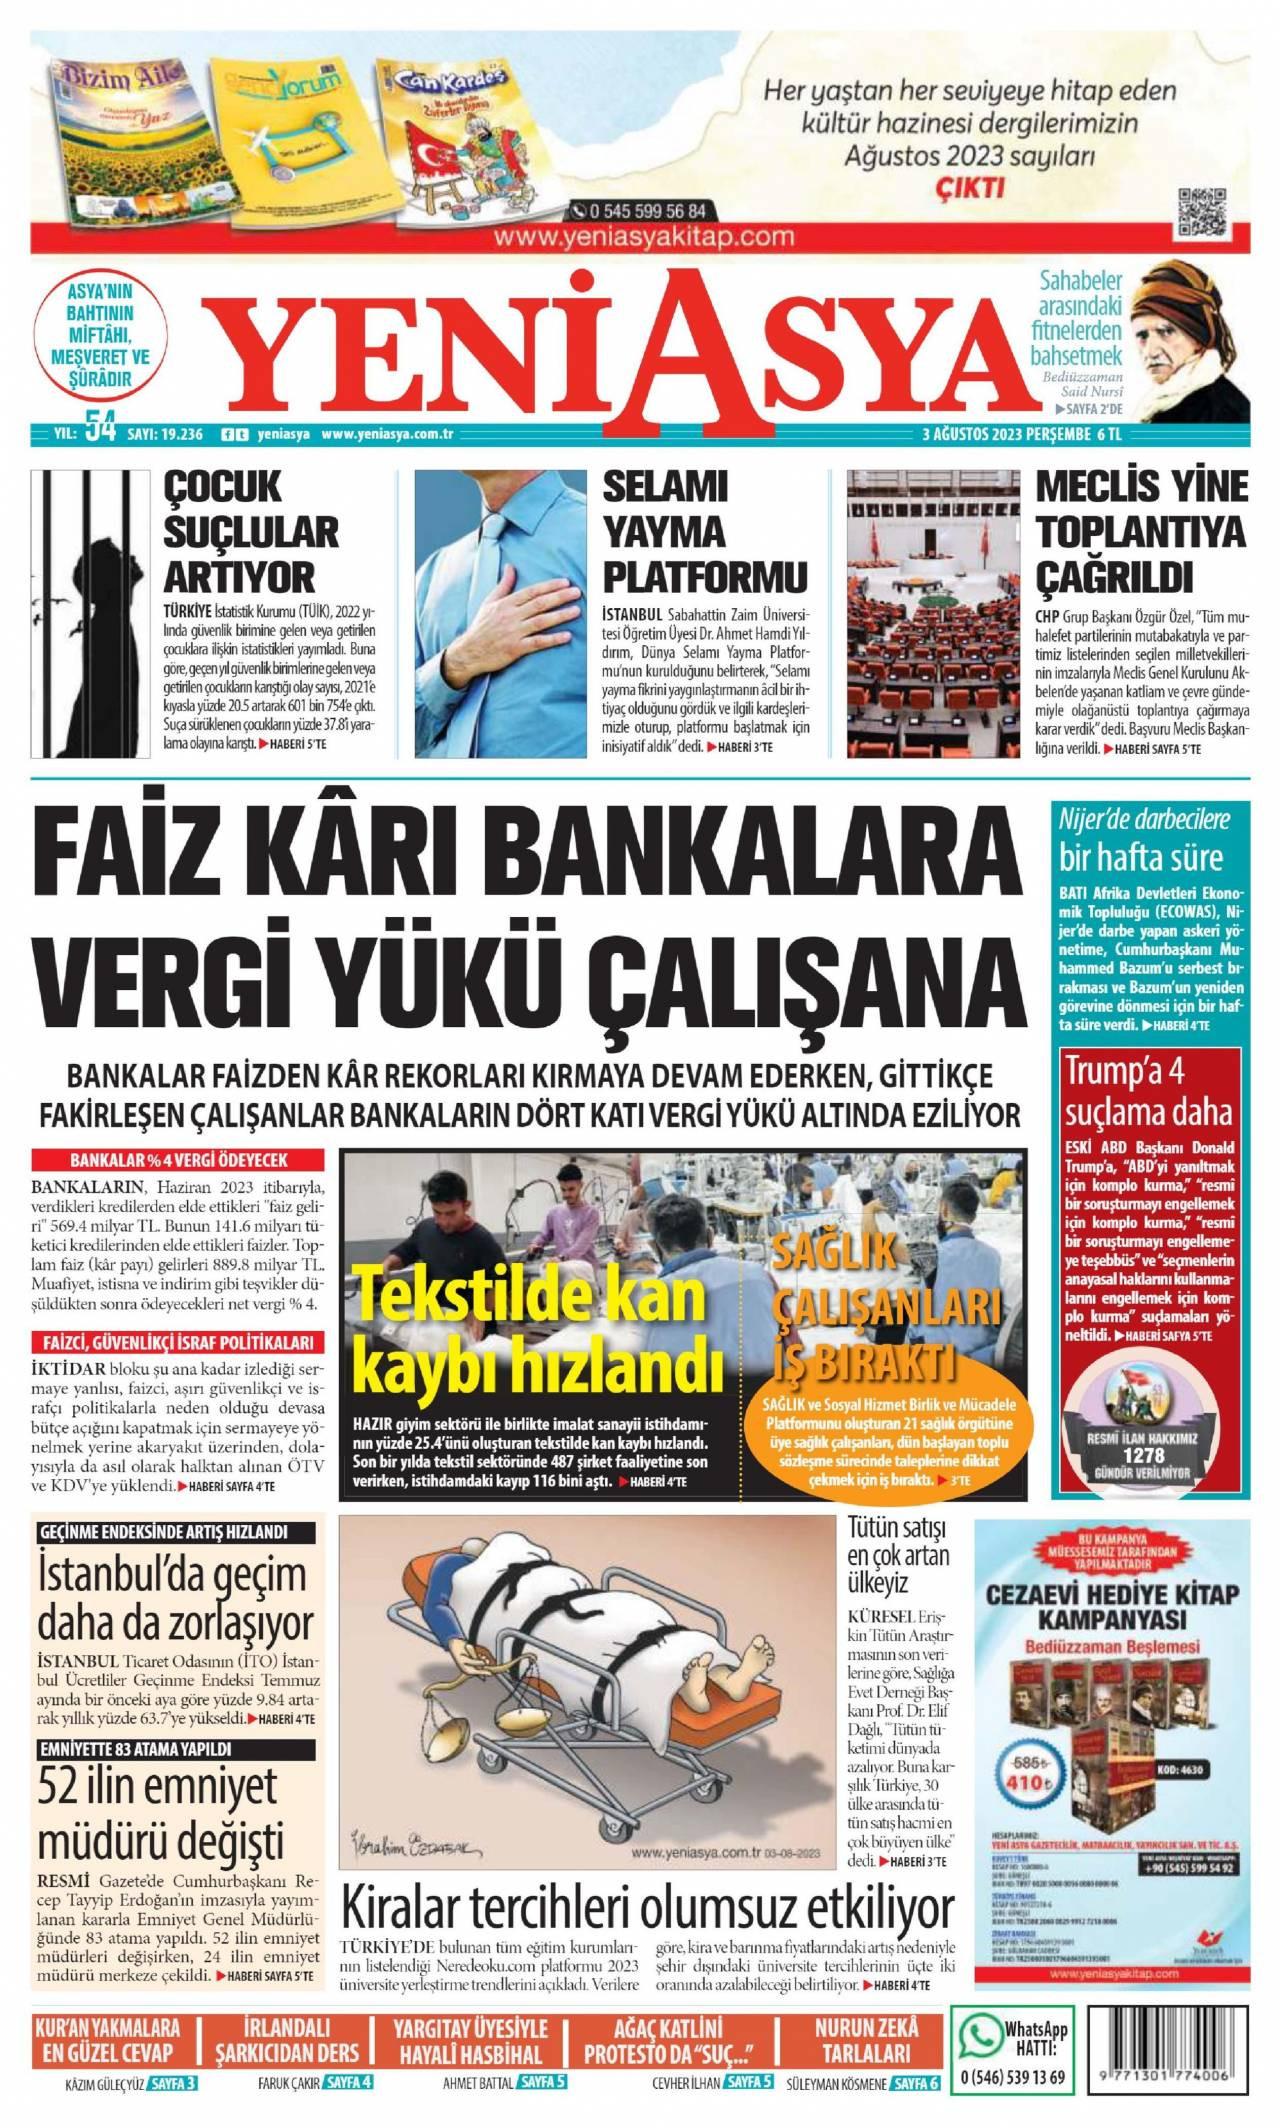 21.04.2018 tarihli Yeni Asya gazetesinin 1. sayfası